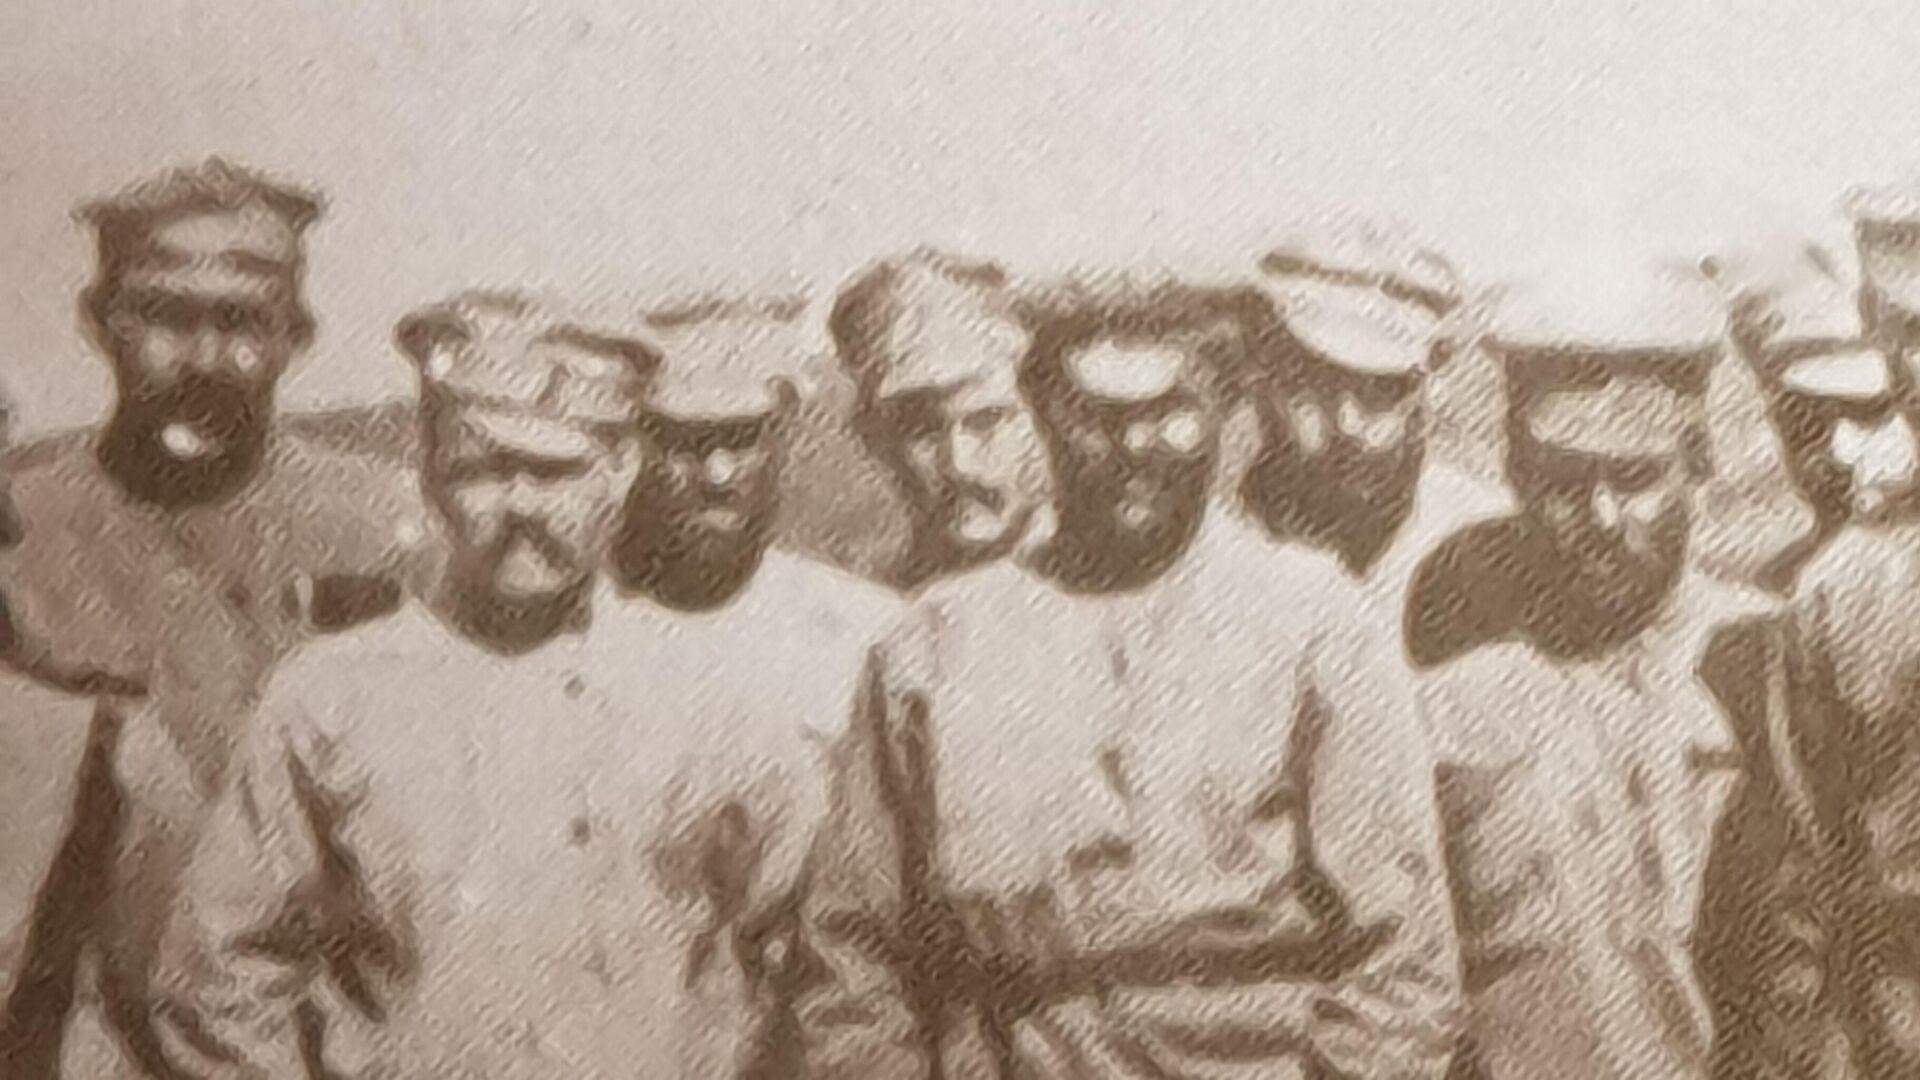 Věnujme pozornost legionářským čepicím s viditelným dvojbarevným proužkem. - Sputnik Česká republika, 1920, 25.05.2021